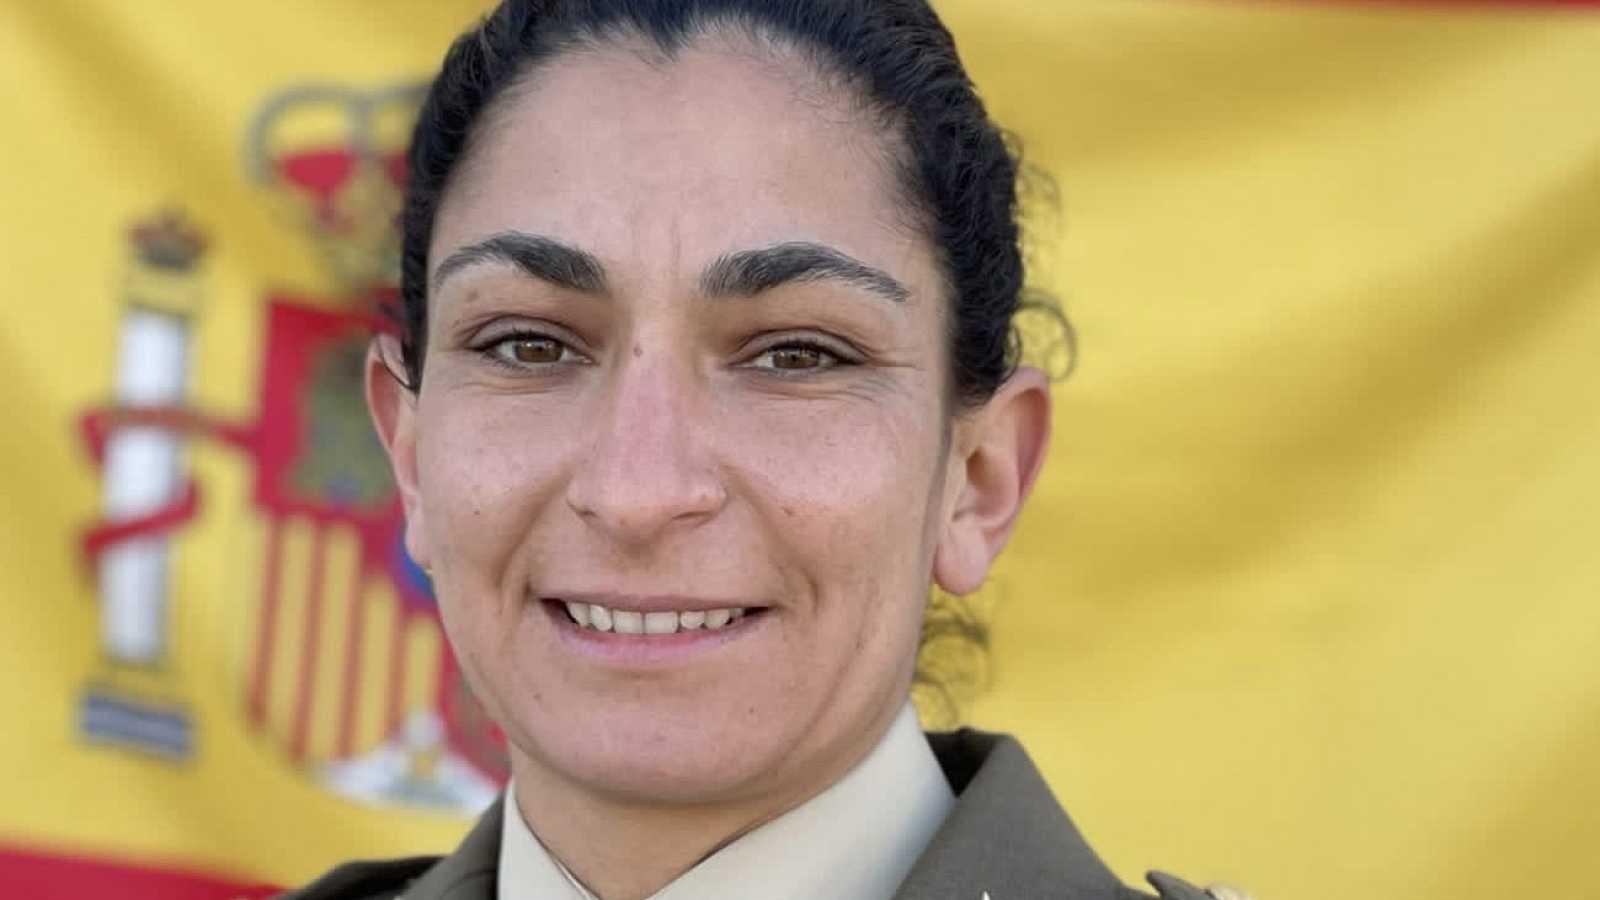 La sargento de artillería Debora Grau Serra, en una imagen difundida por el Ejército de Tierra.